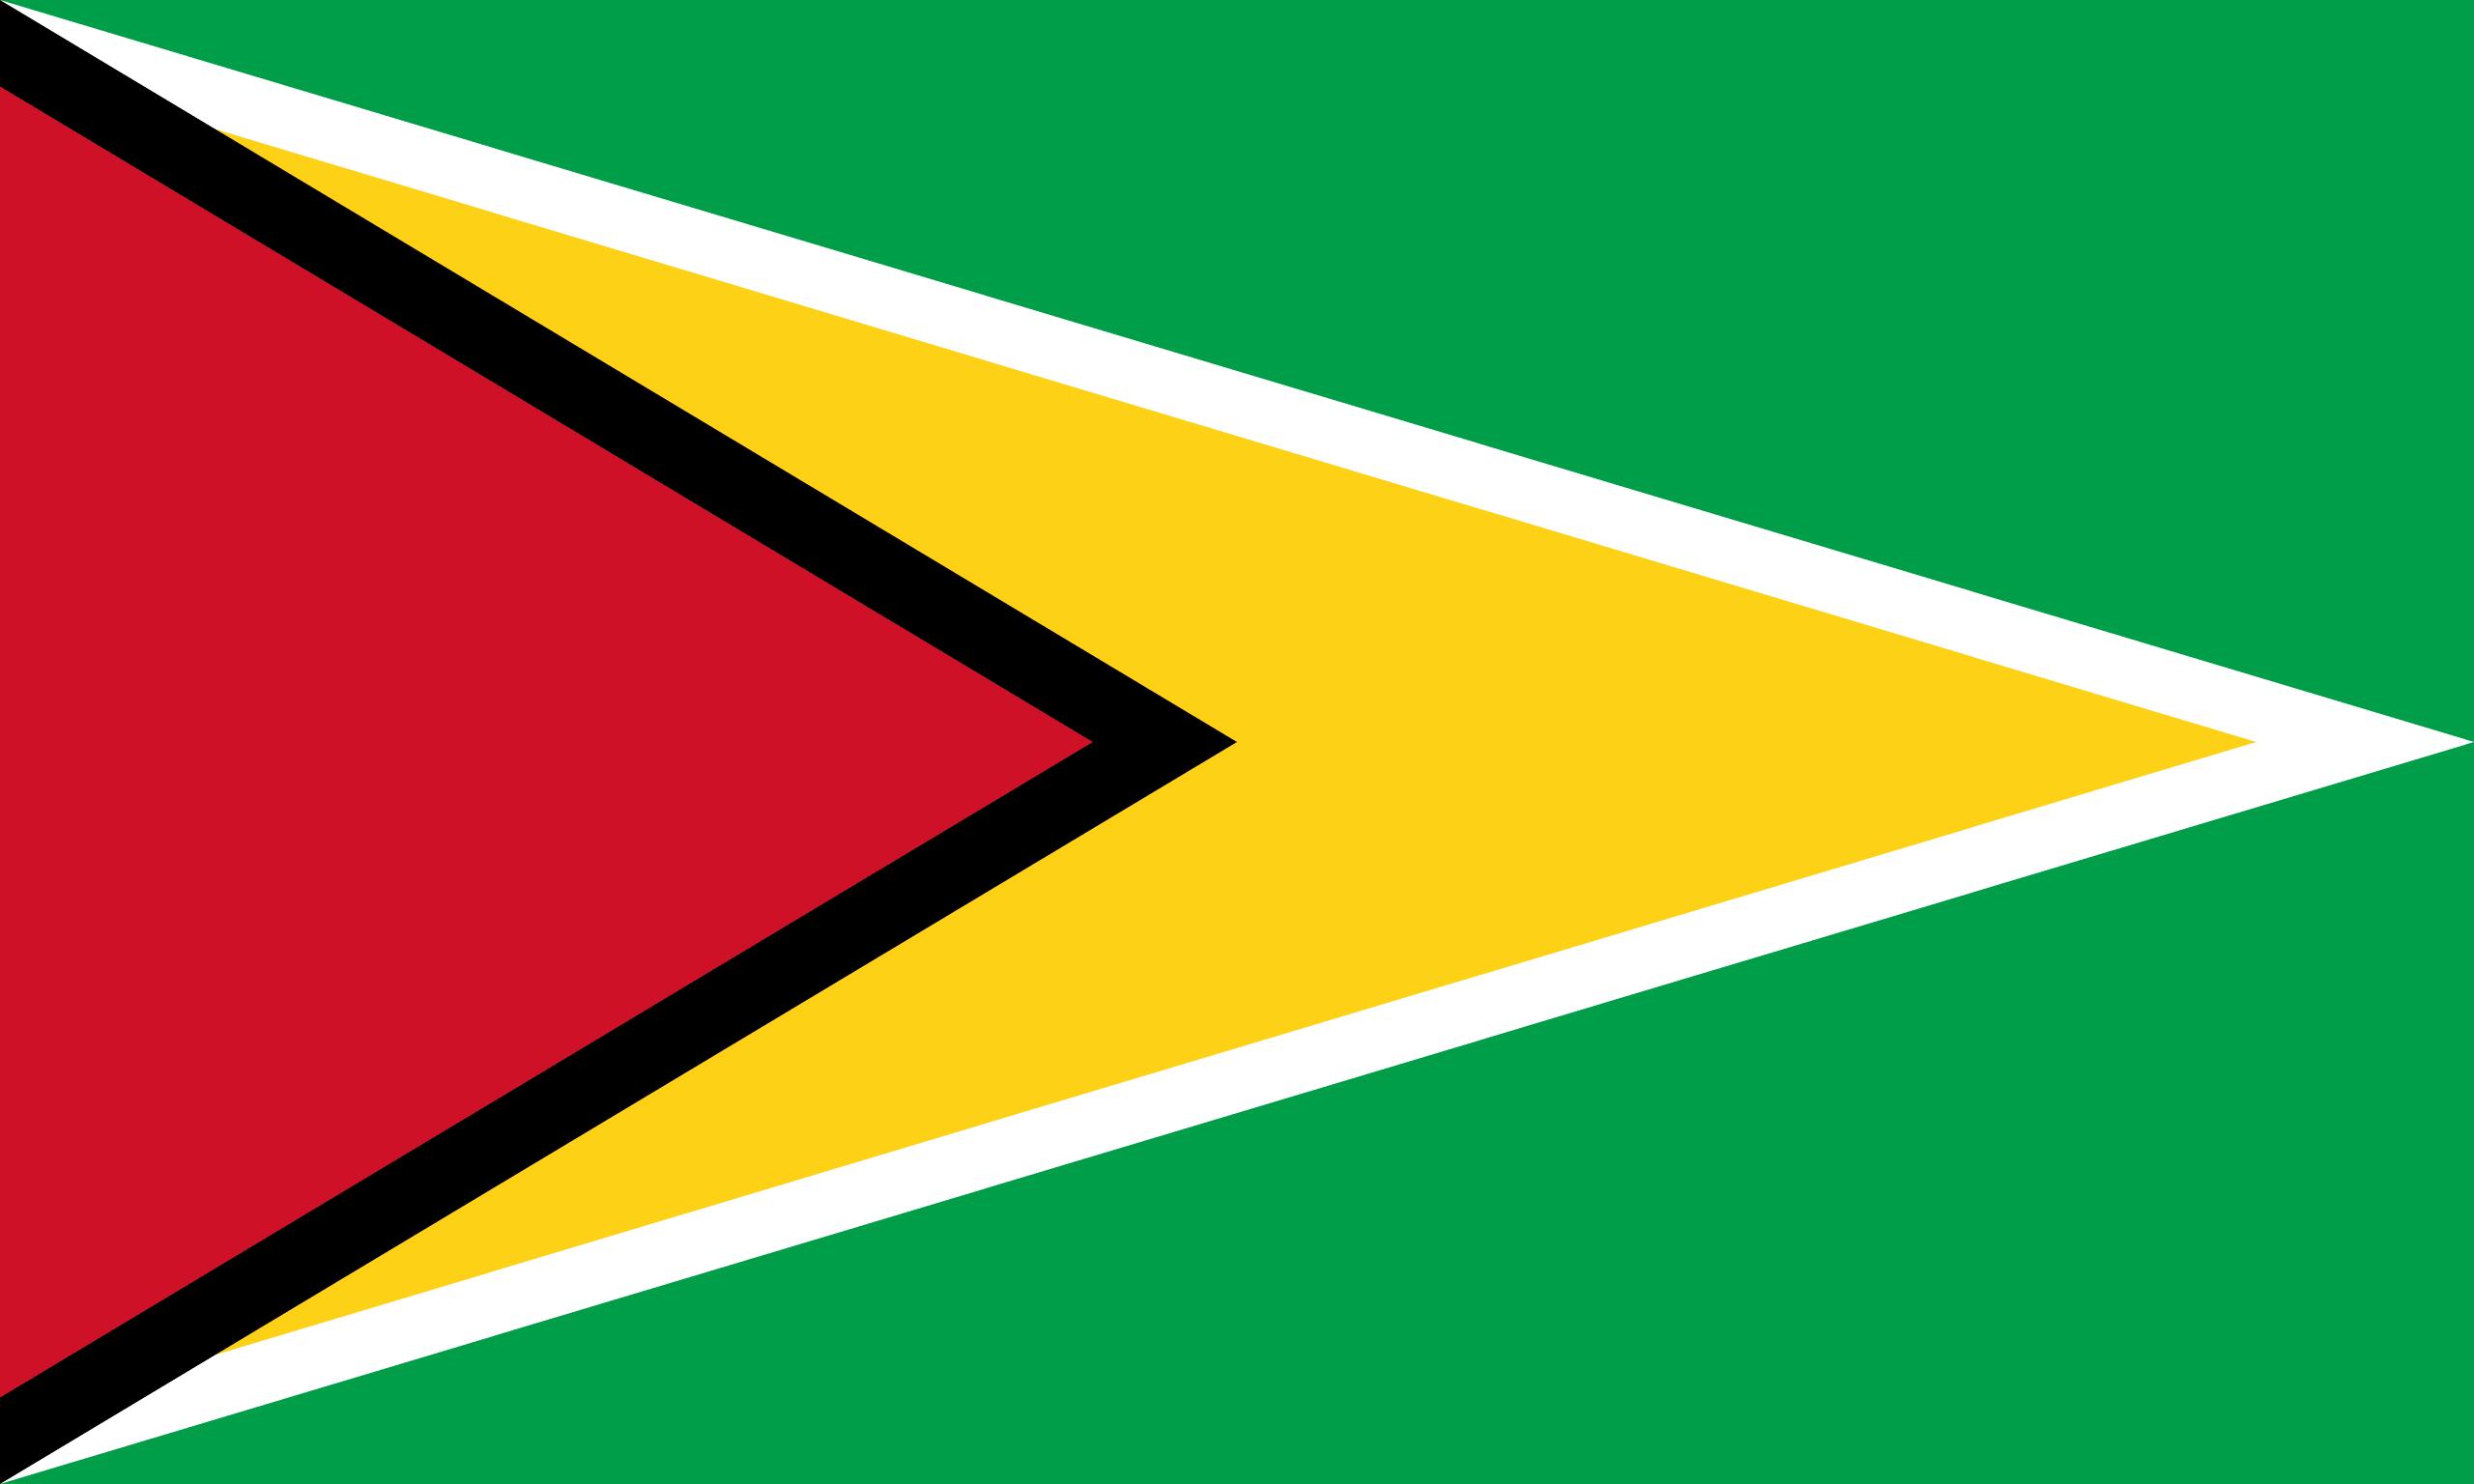 Guyana'nın Başkenti ve Para Birimi Nedir? Guyana'nın Bayrağı Nasıldır?